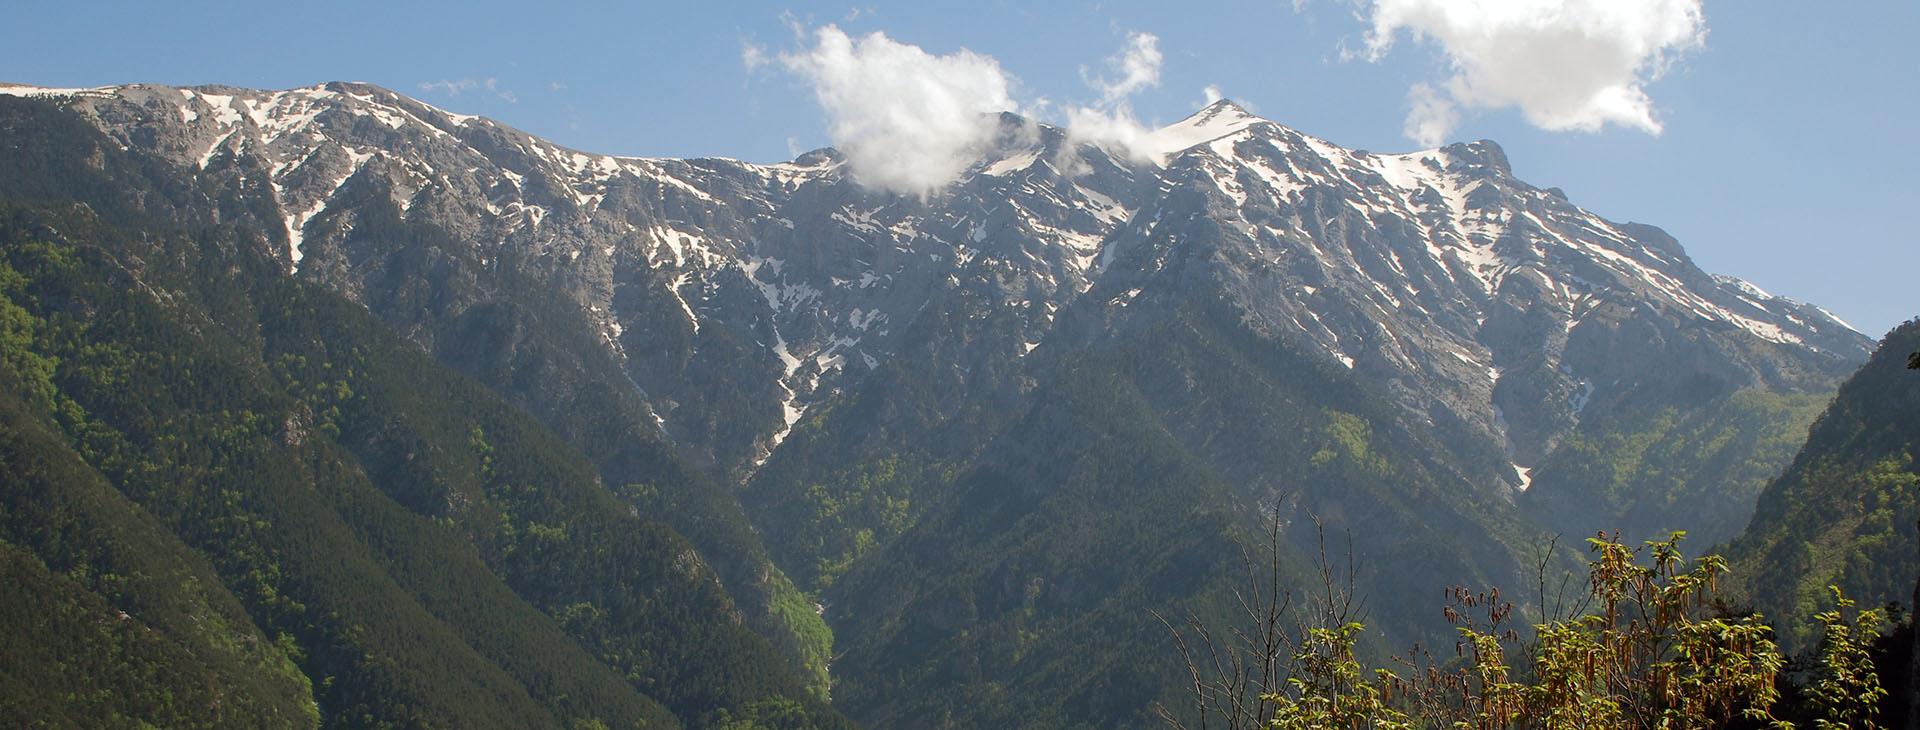 Mt. Olympus, Pieria